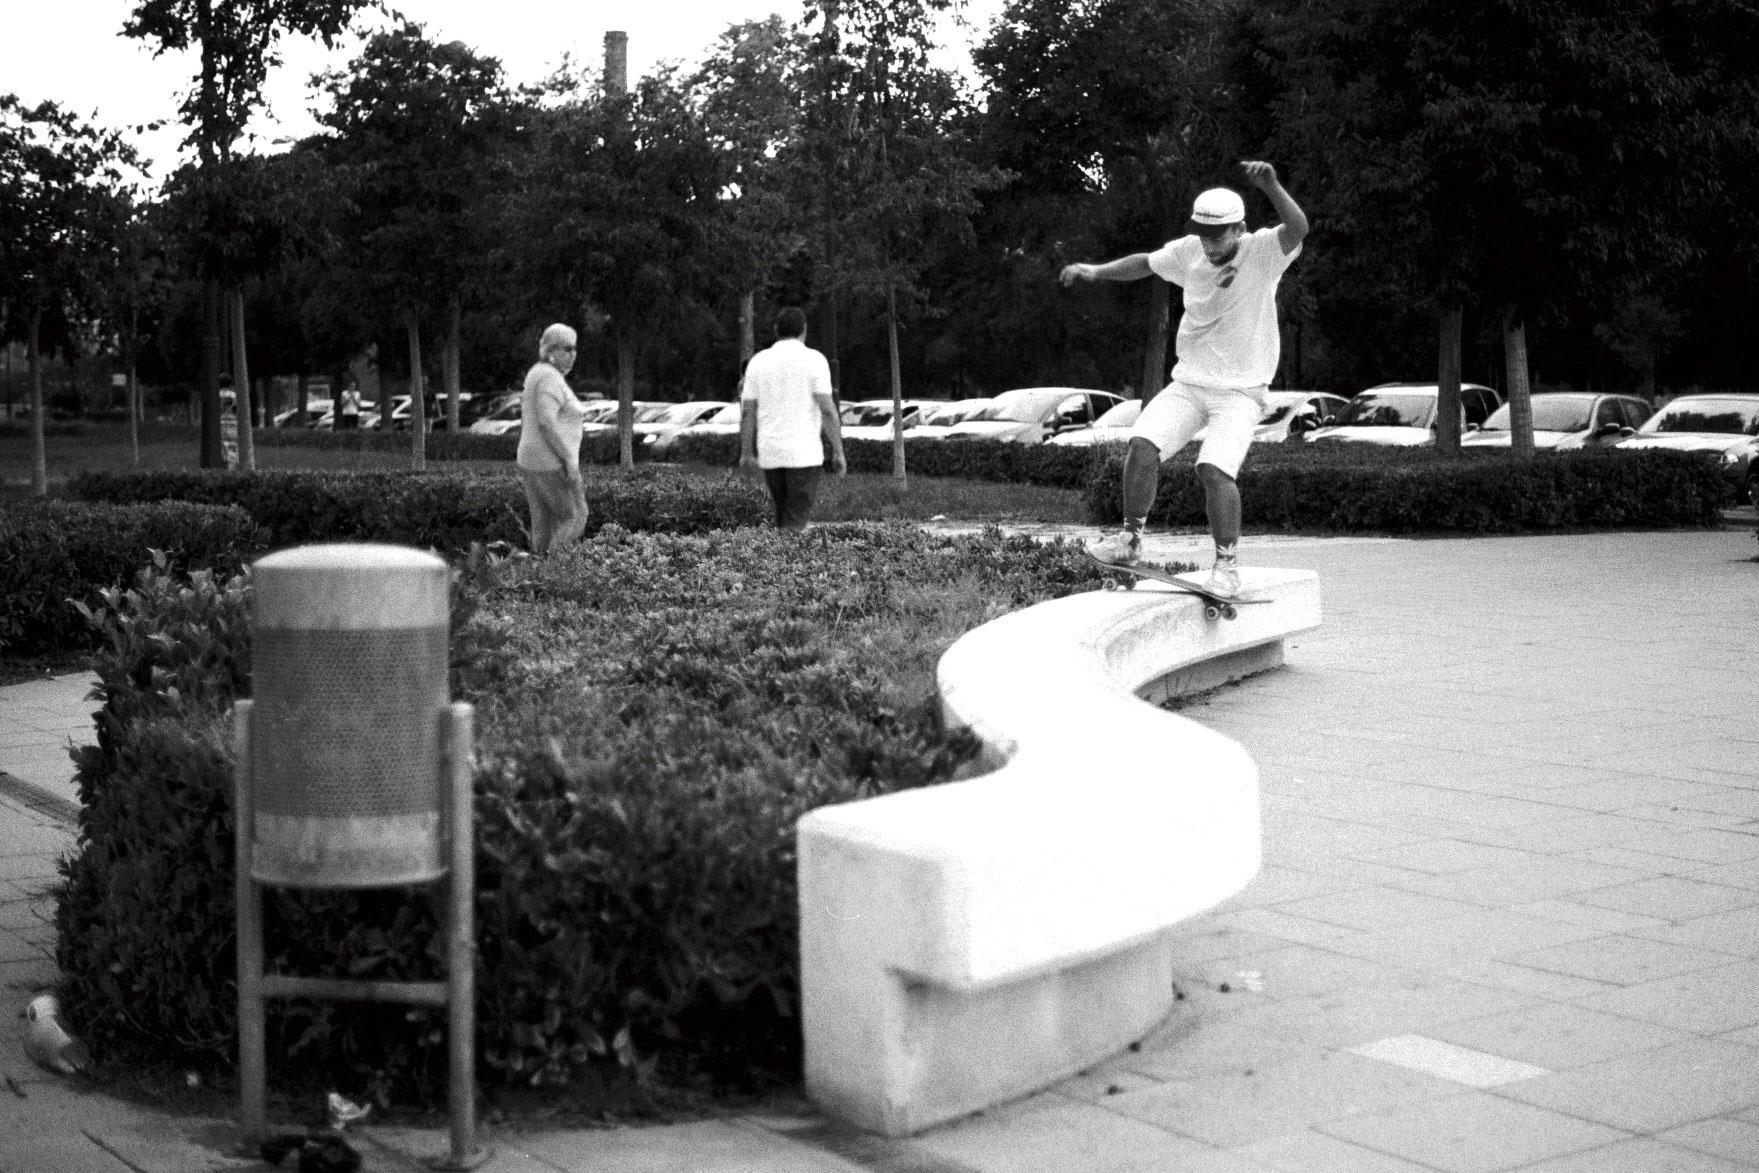 willly-t-skateboarding-valencia.jpg